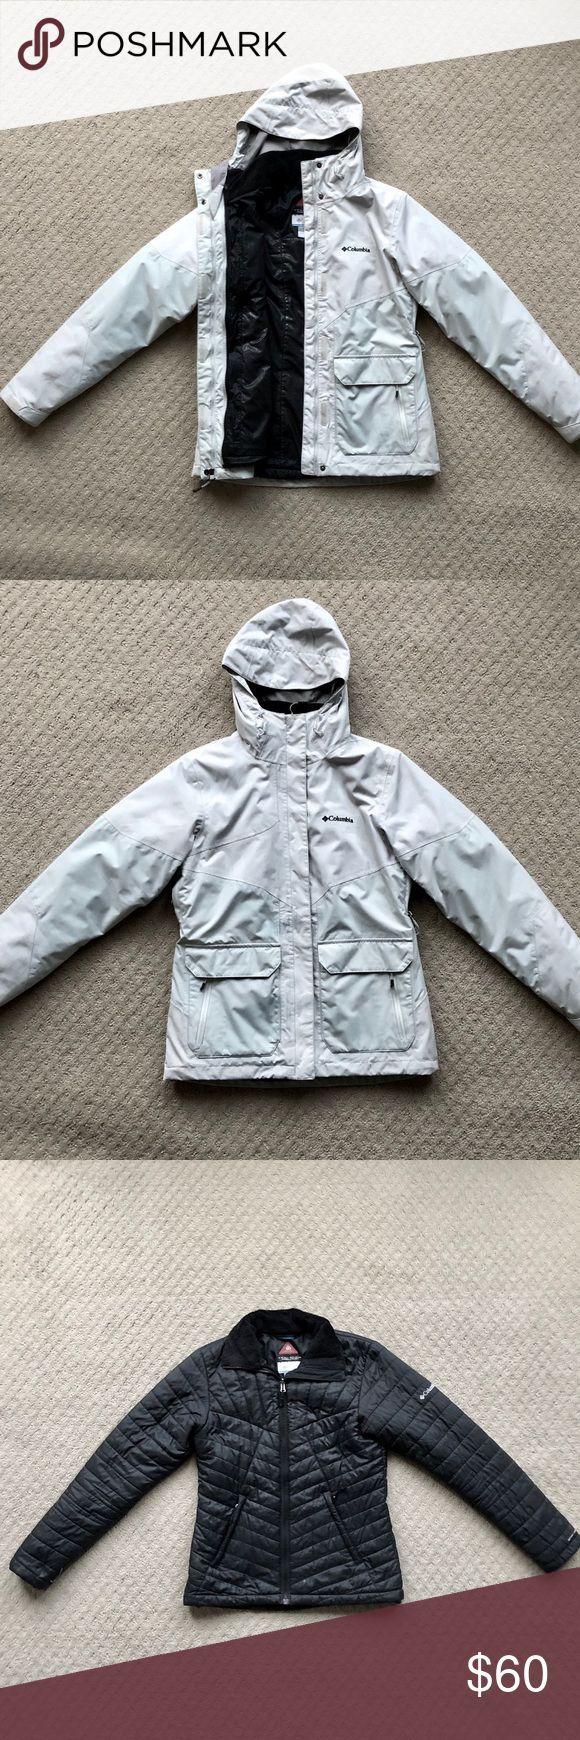 #3in1 #cold Rainy Day Outfit #Columbia #Heat #Interchange #Jacket #Omni #sale #Tech #white Columbia 3-in-1 Interchange Jacket Omni Heat Tech For sale is a white Columbia O...        コロンビア3-in-1インターチェンジジャケットOmni Heat Tech販売中の秋、冬、春に最適な白いコロンビアオムニシールドインターチェンジ3-in-1ジャケットです。雨の日には、アウターシェルをレインジャケットとして着用してください。肌寒い秋の日には、フグを着用します。そして、寒くて雪の多い天候では、ジッパーを2つ合わせて着用し... #rainydayoutfitforwork